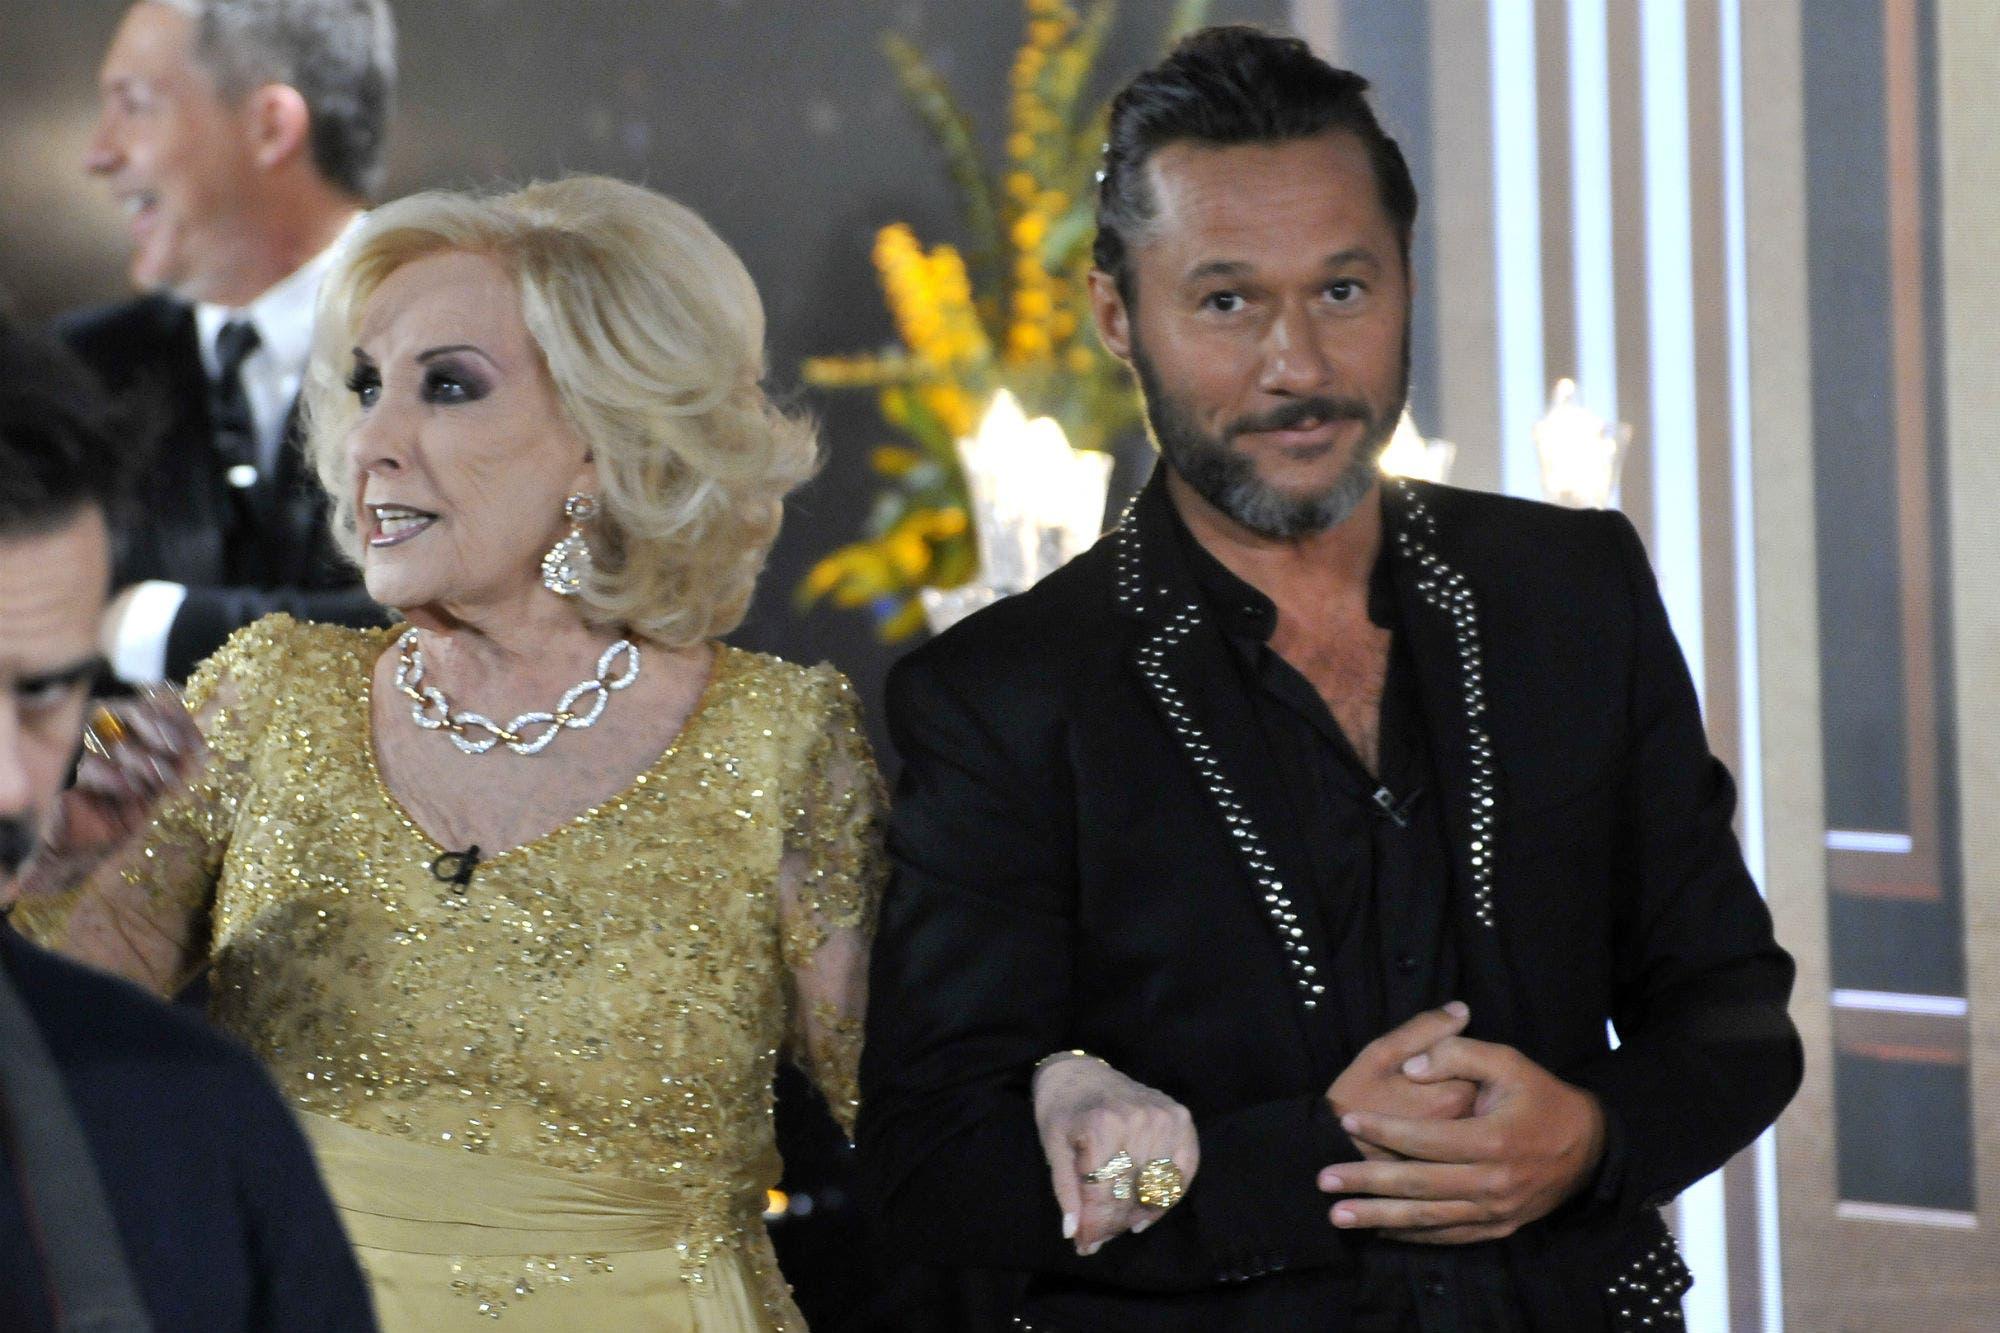 Los 50 años de Mirtha en la TV: Soledad Pastorutti y Diego Torres le agregaron música a la noche